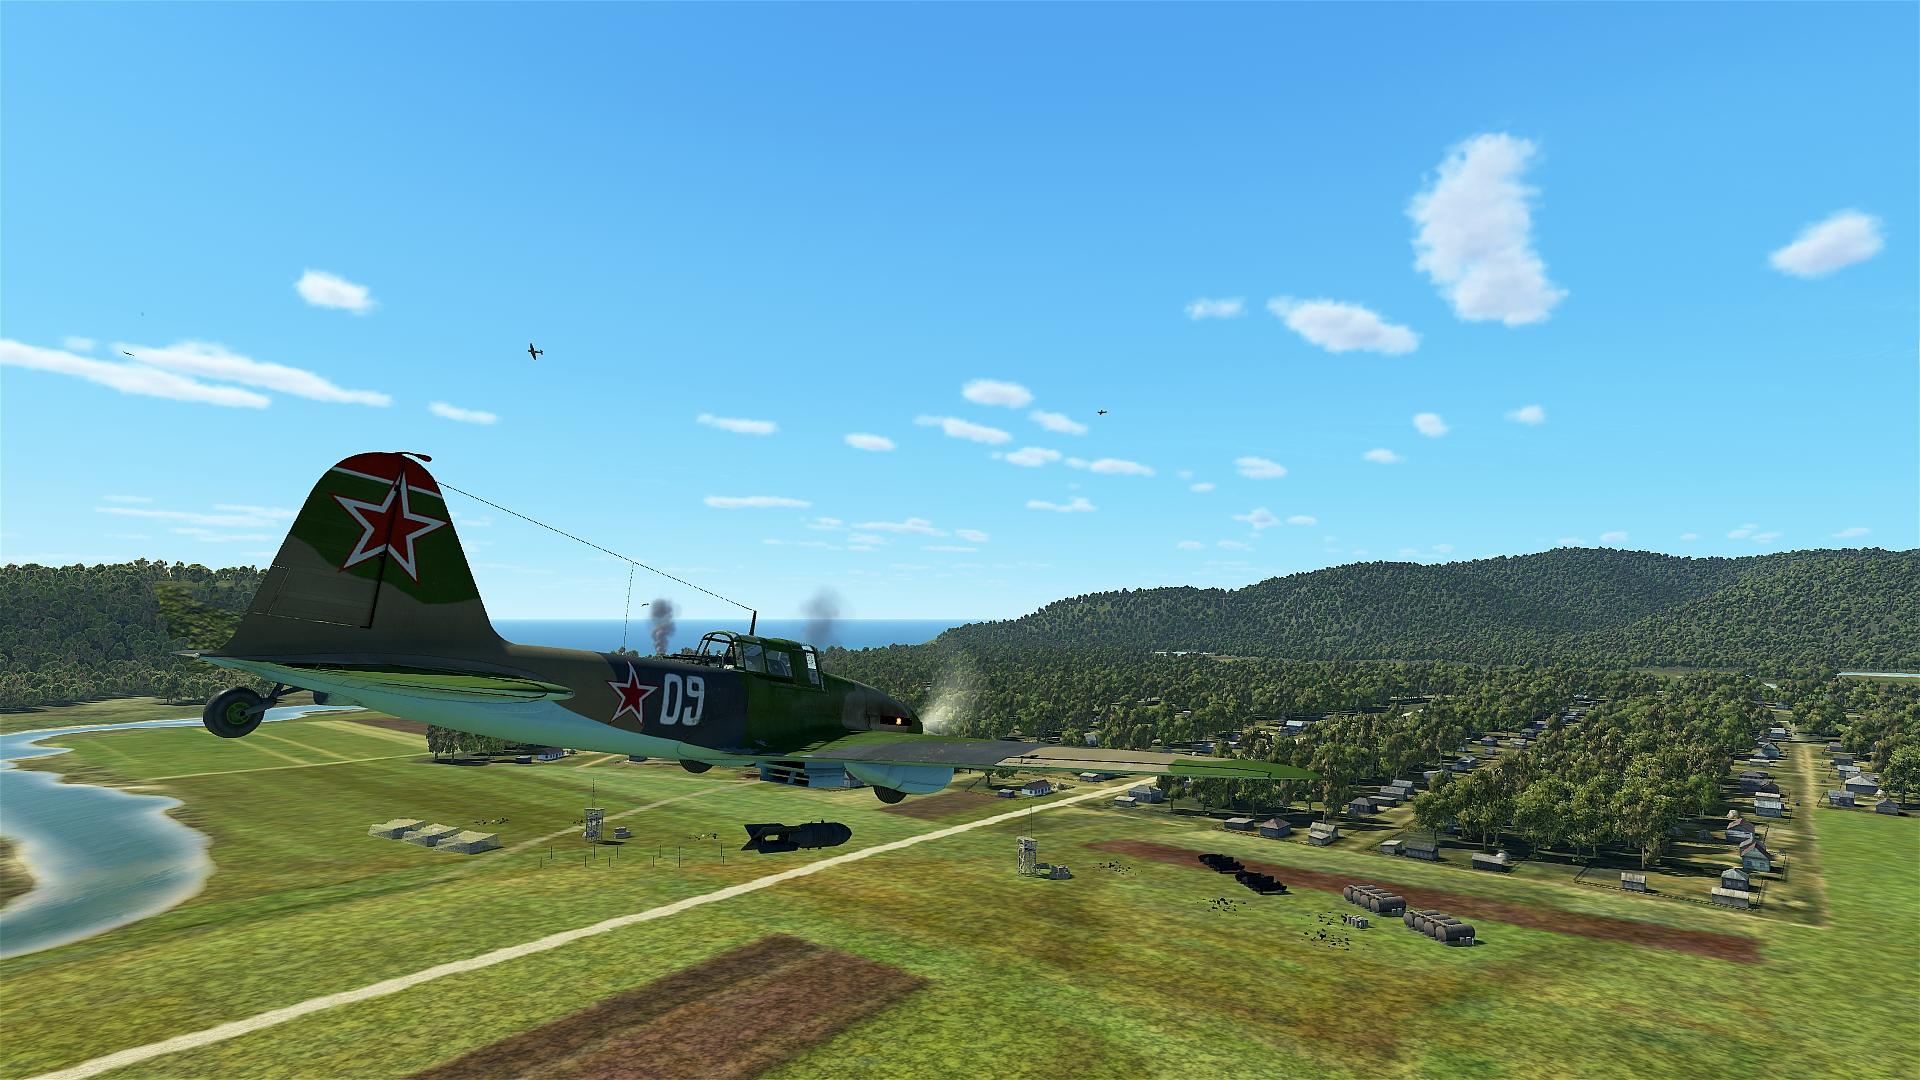 Un ptit CR en image de  la sortie de vendredi sur les Fnbf avec les NN en bomber ! 41600476291_04e9f18b39_o